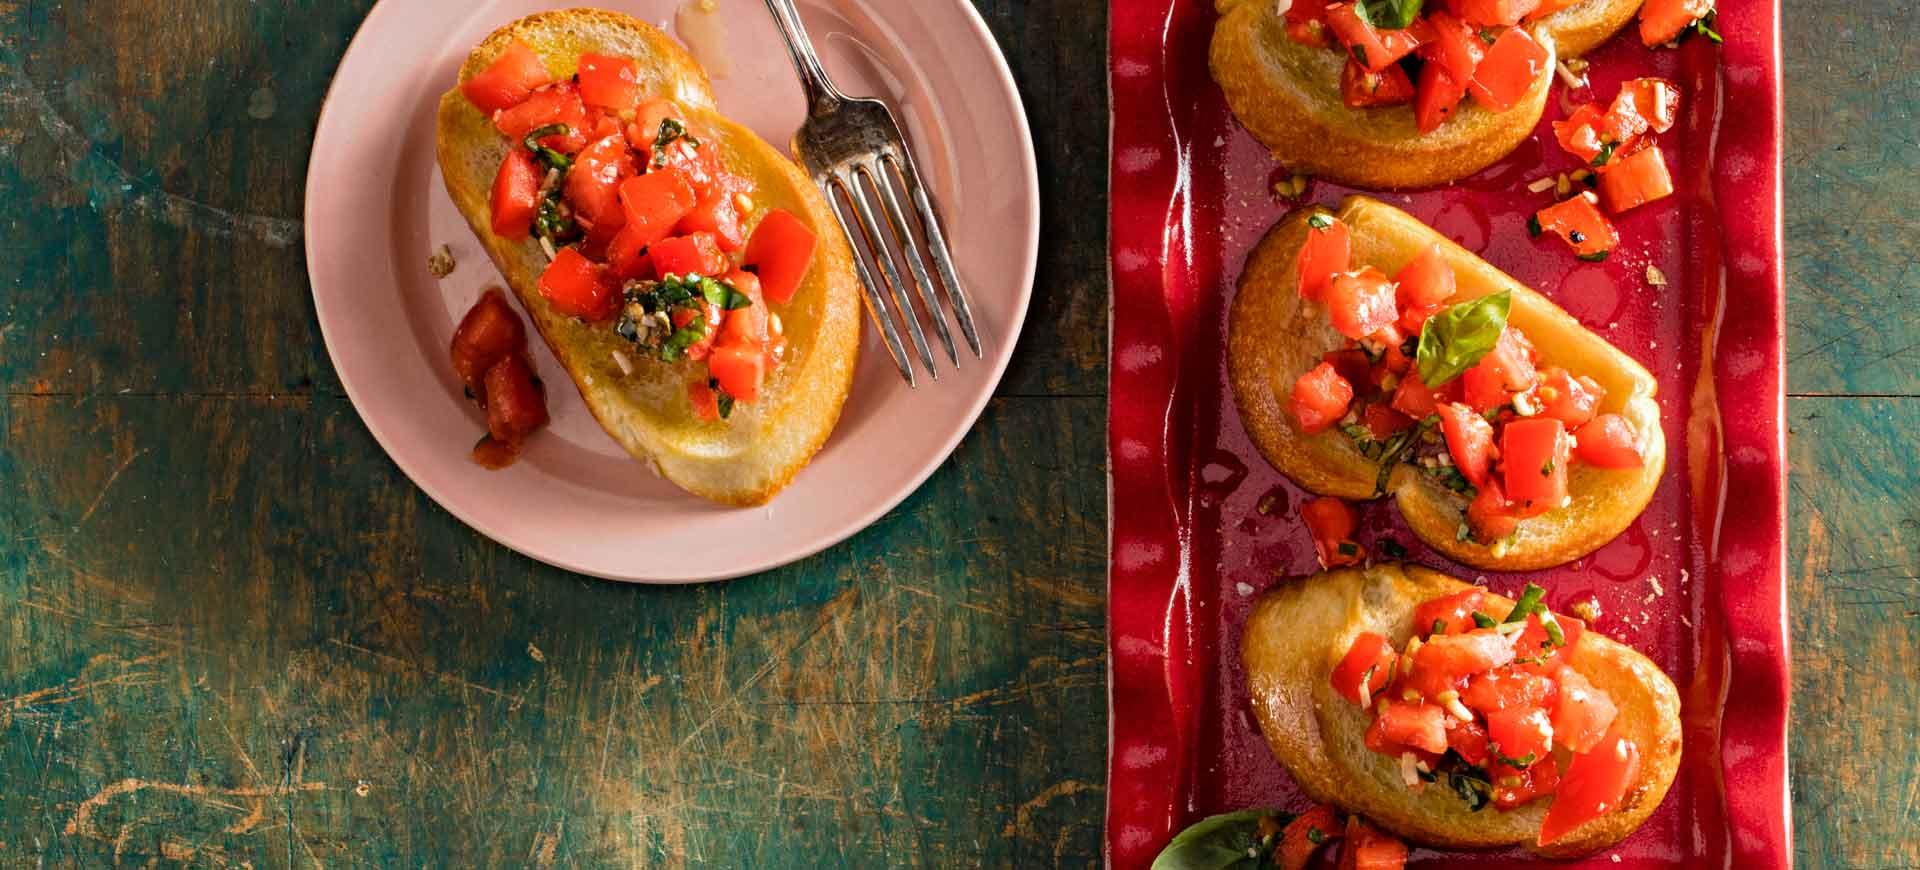 Tomato Balsamic Bruschetta